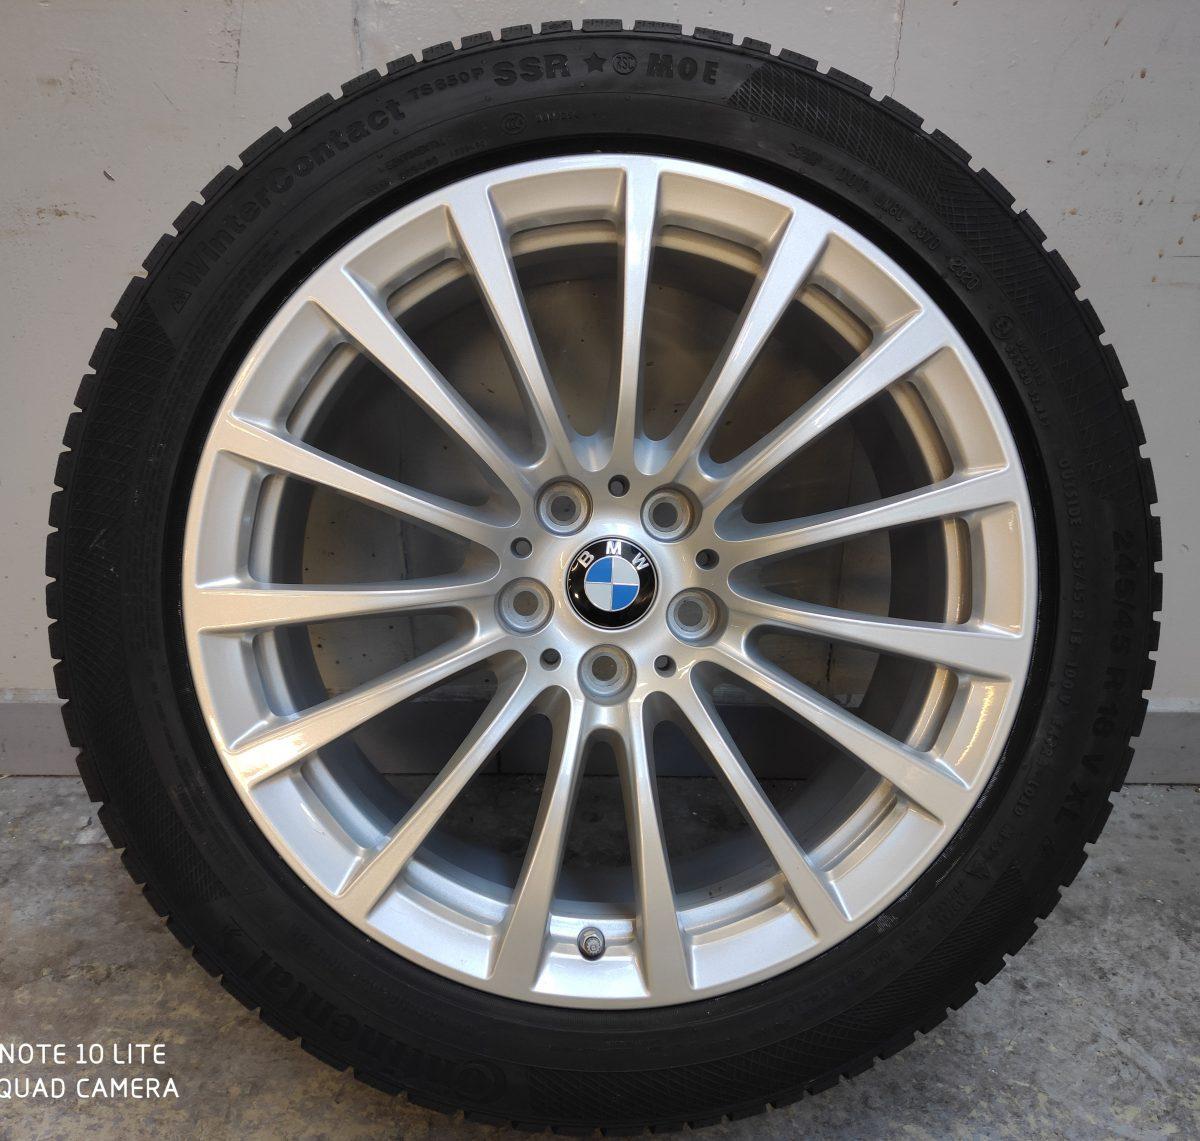 Gyári alufelni BMW G30 (619styl) 8X18 ET30 alufelni Continental defekttűrő téli gumikkal és jeladóval. 1